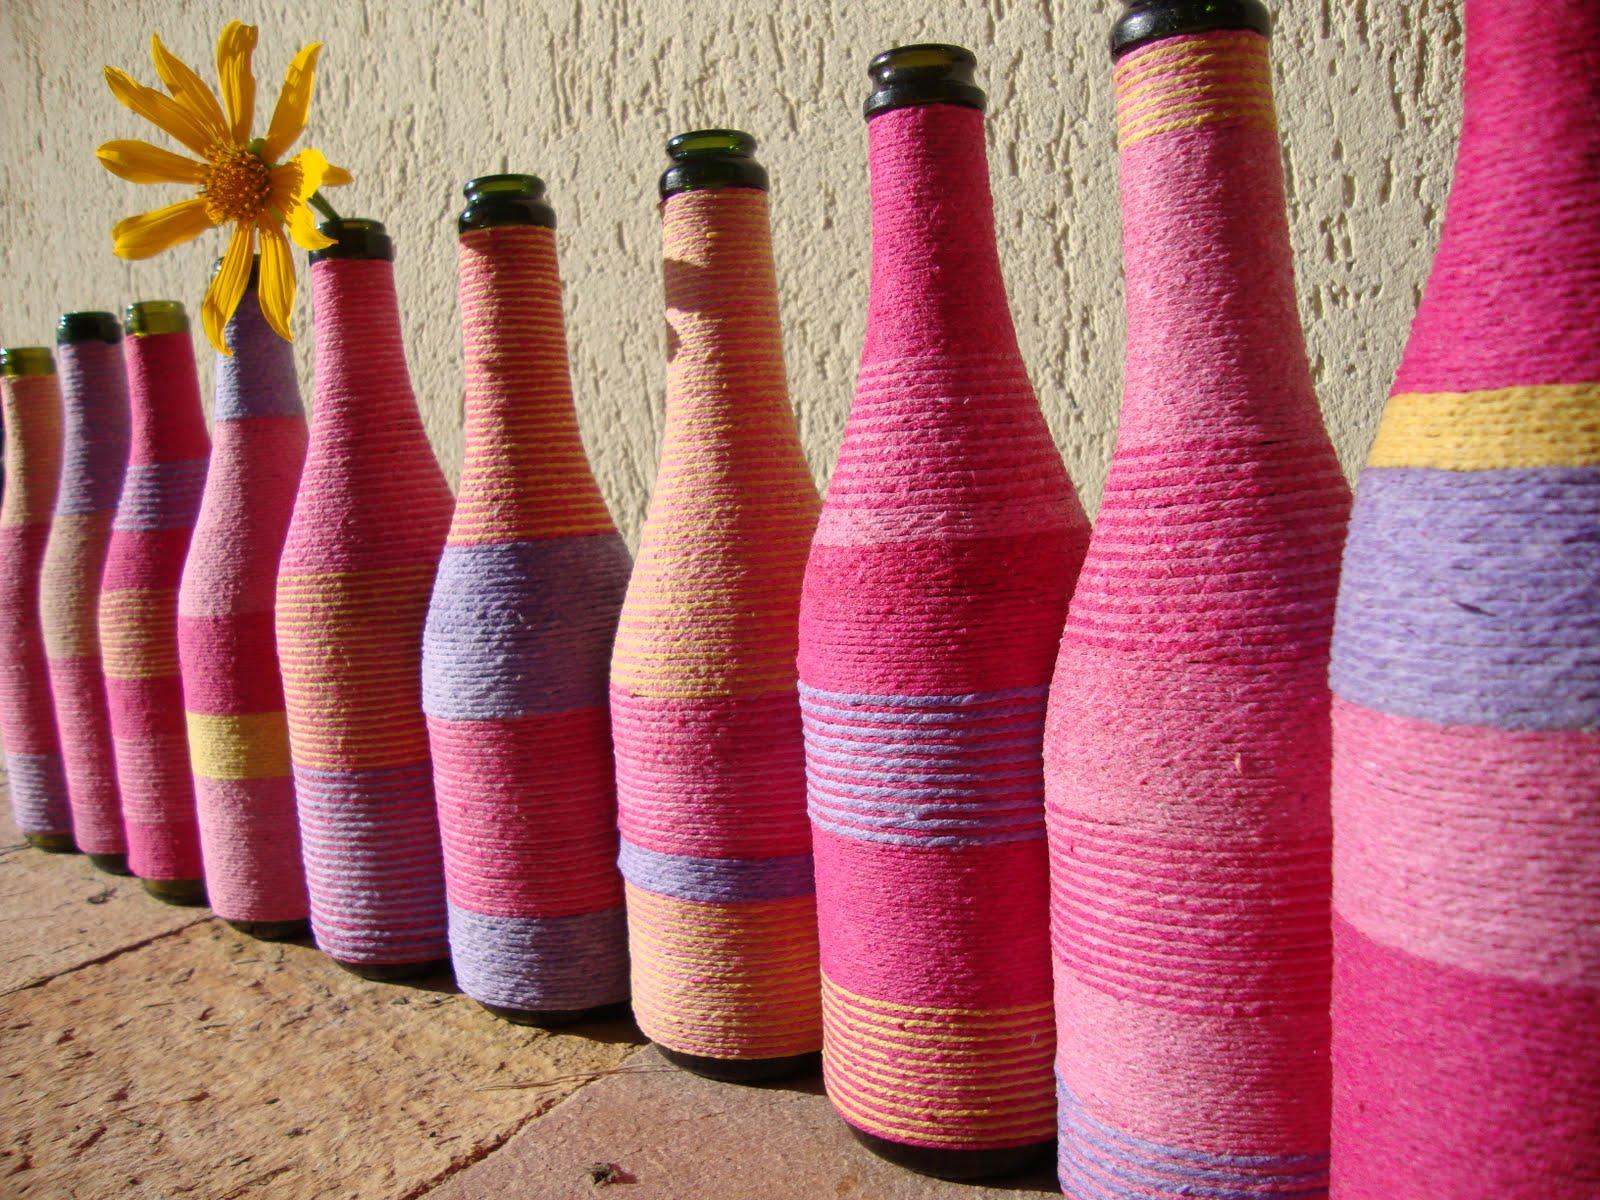 como-reutilizar-garrafas-de-vidro-garrafas-decoradas-com-barbante-colorido